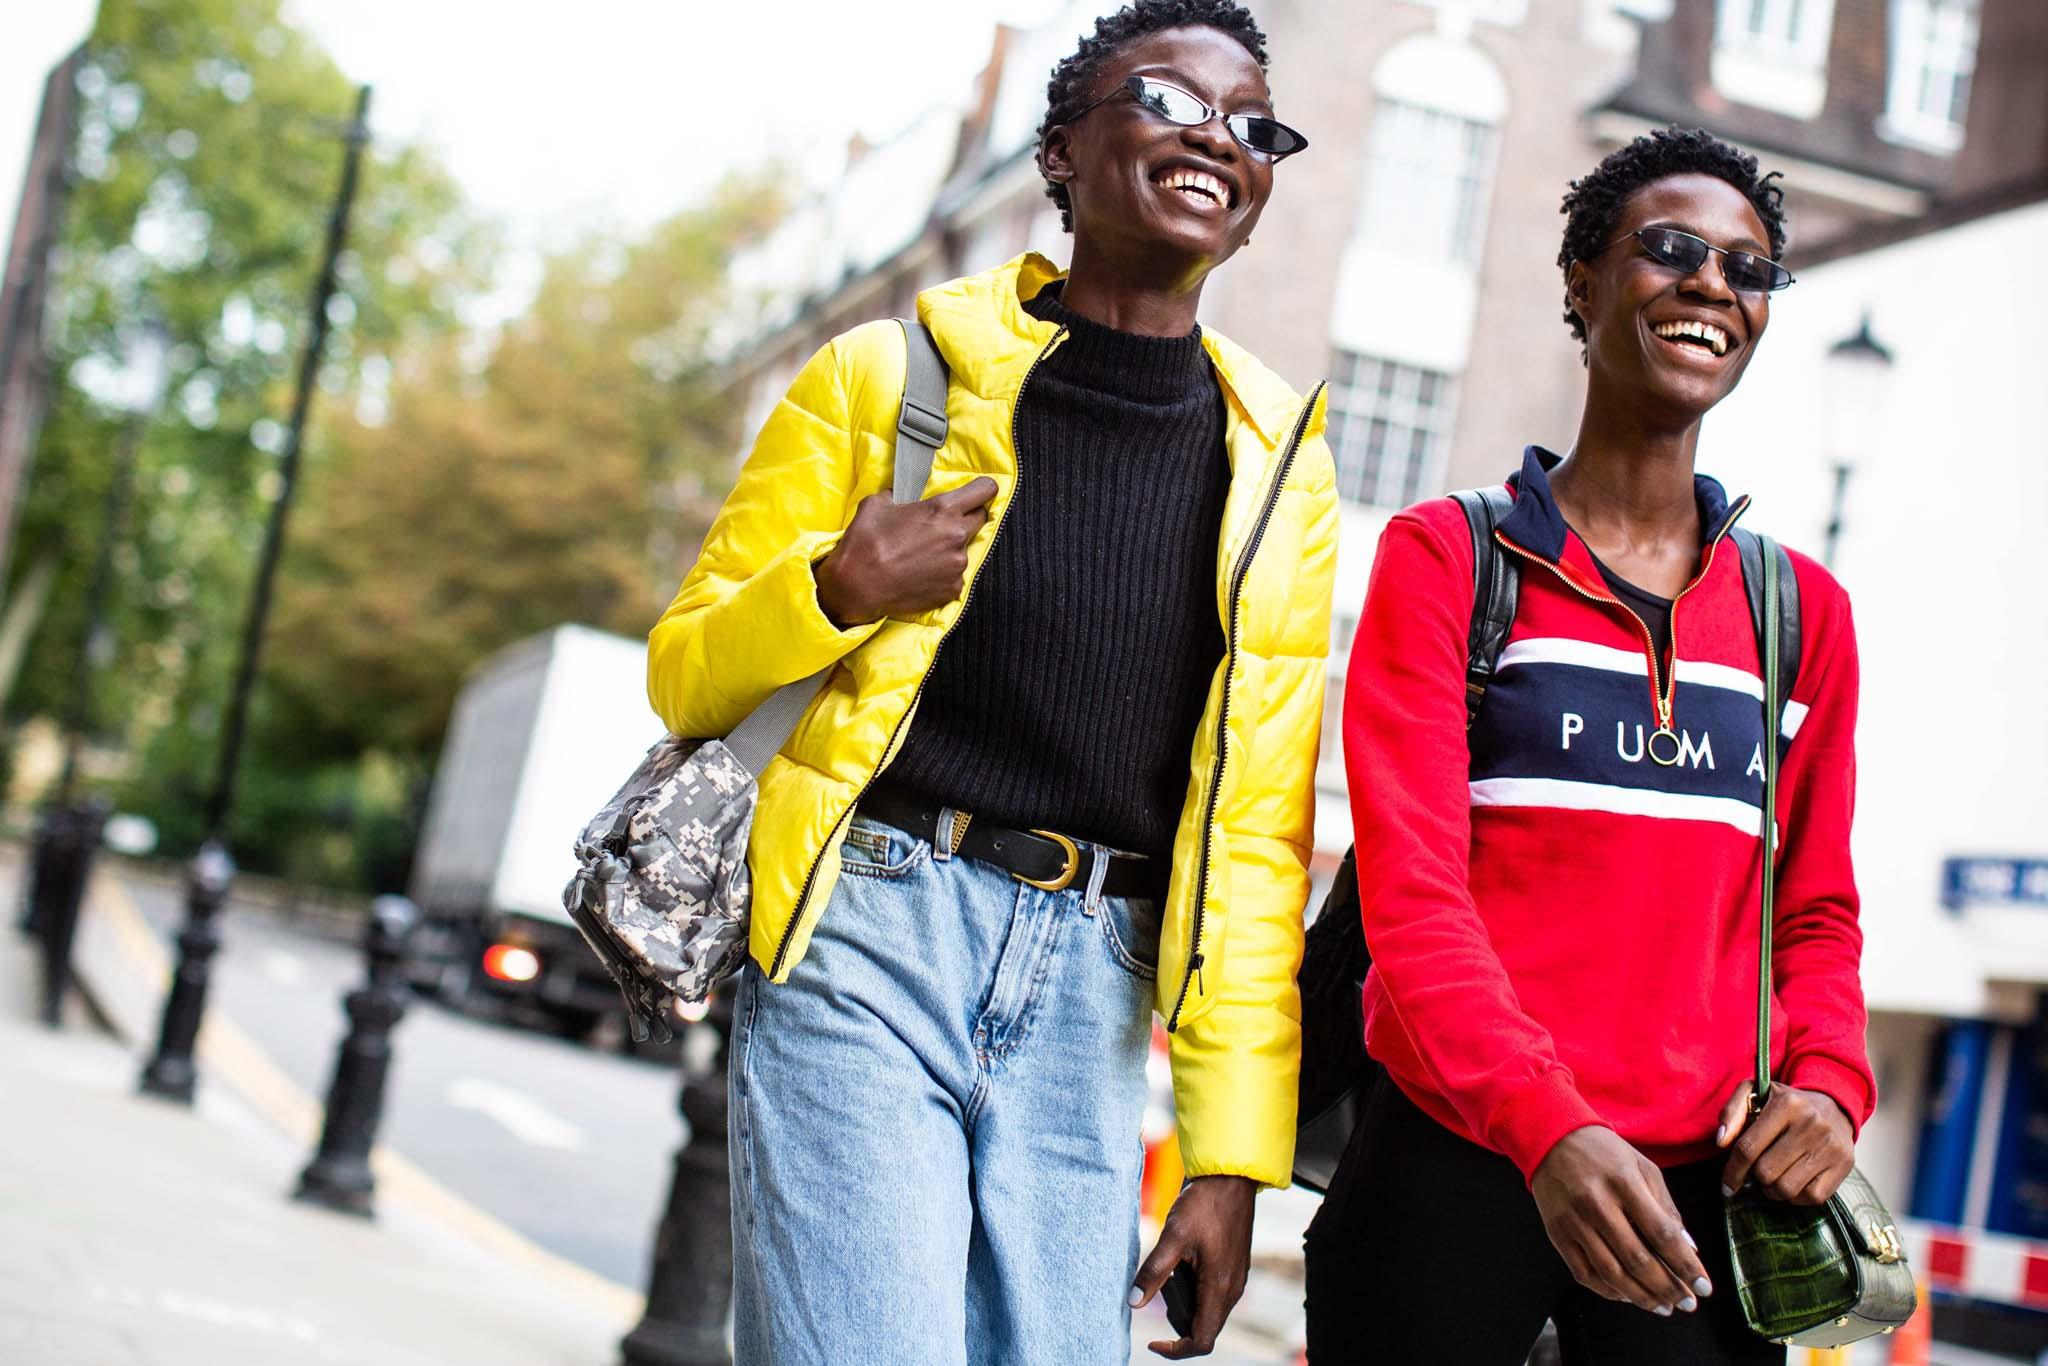 Cheveux noirs courts : deux femmes noires avec des torsades courtes marchant dans la rue lors de la semaine de la mode à Londres.